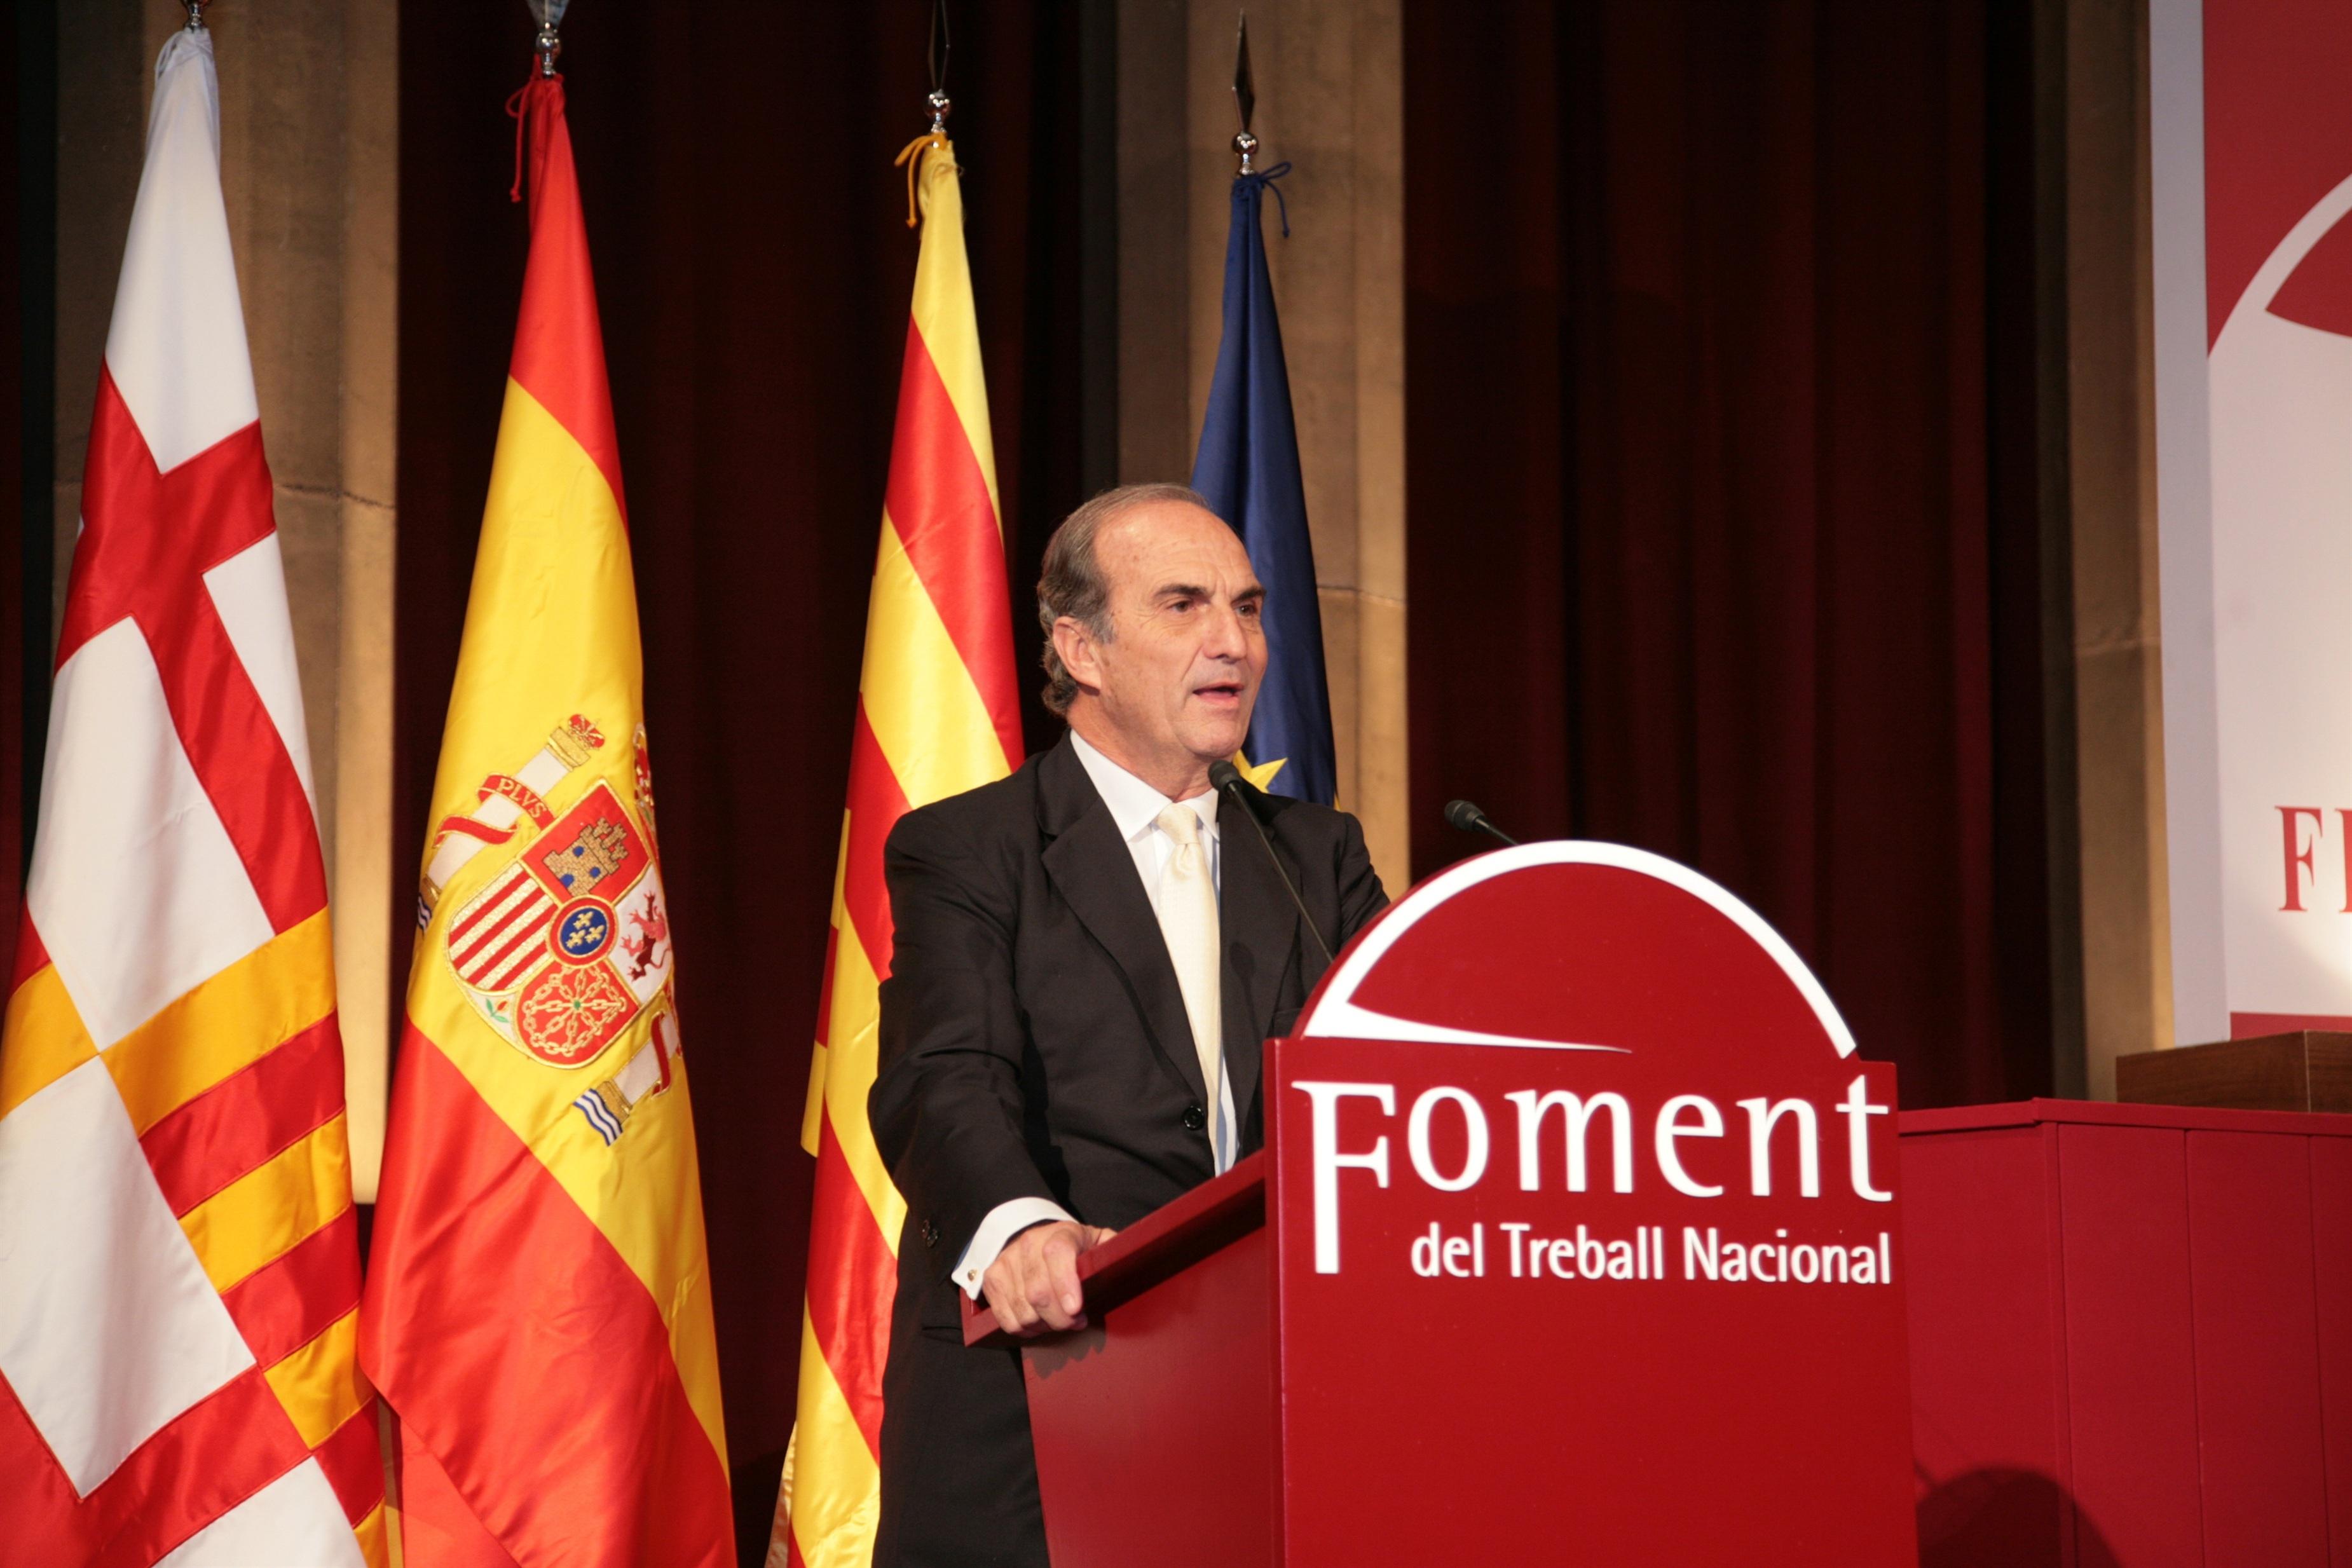 Fomento del Trabajo pide un déficit para Catalunya entre el 1,7 y el 1,96% del PIB